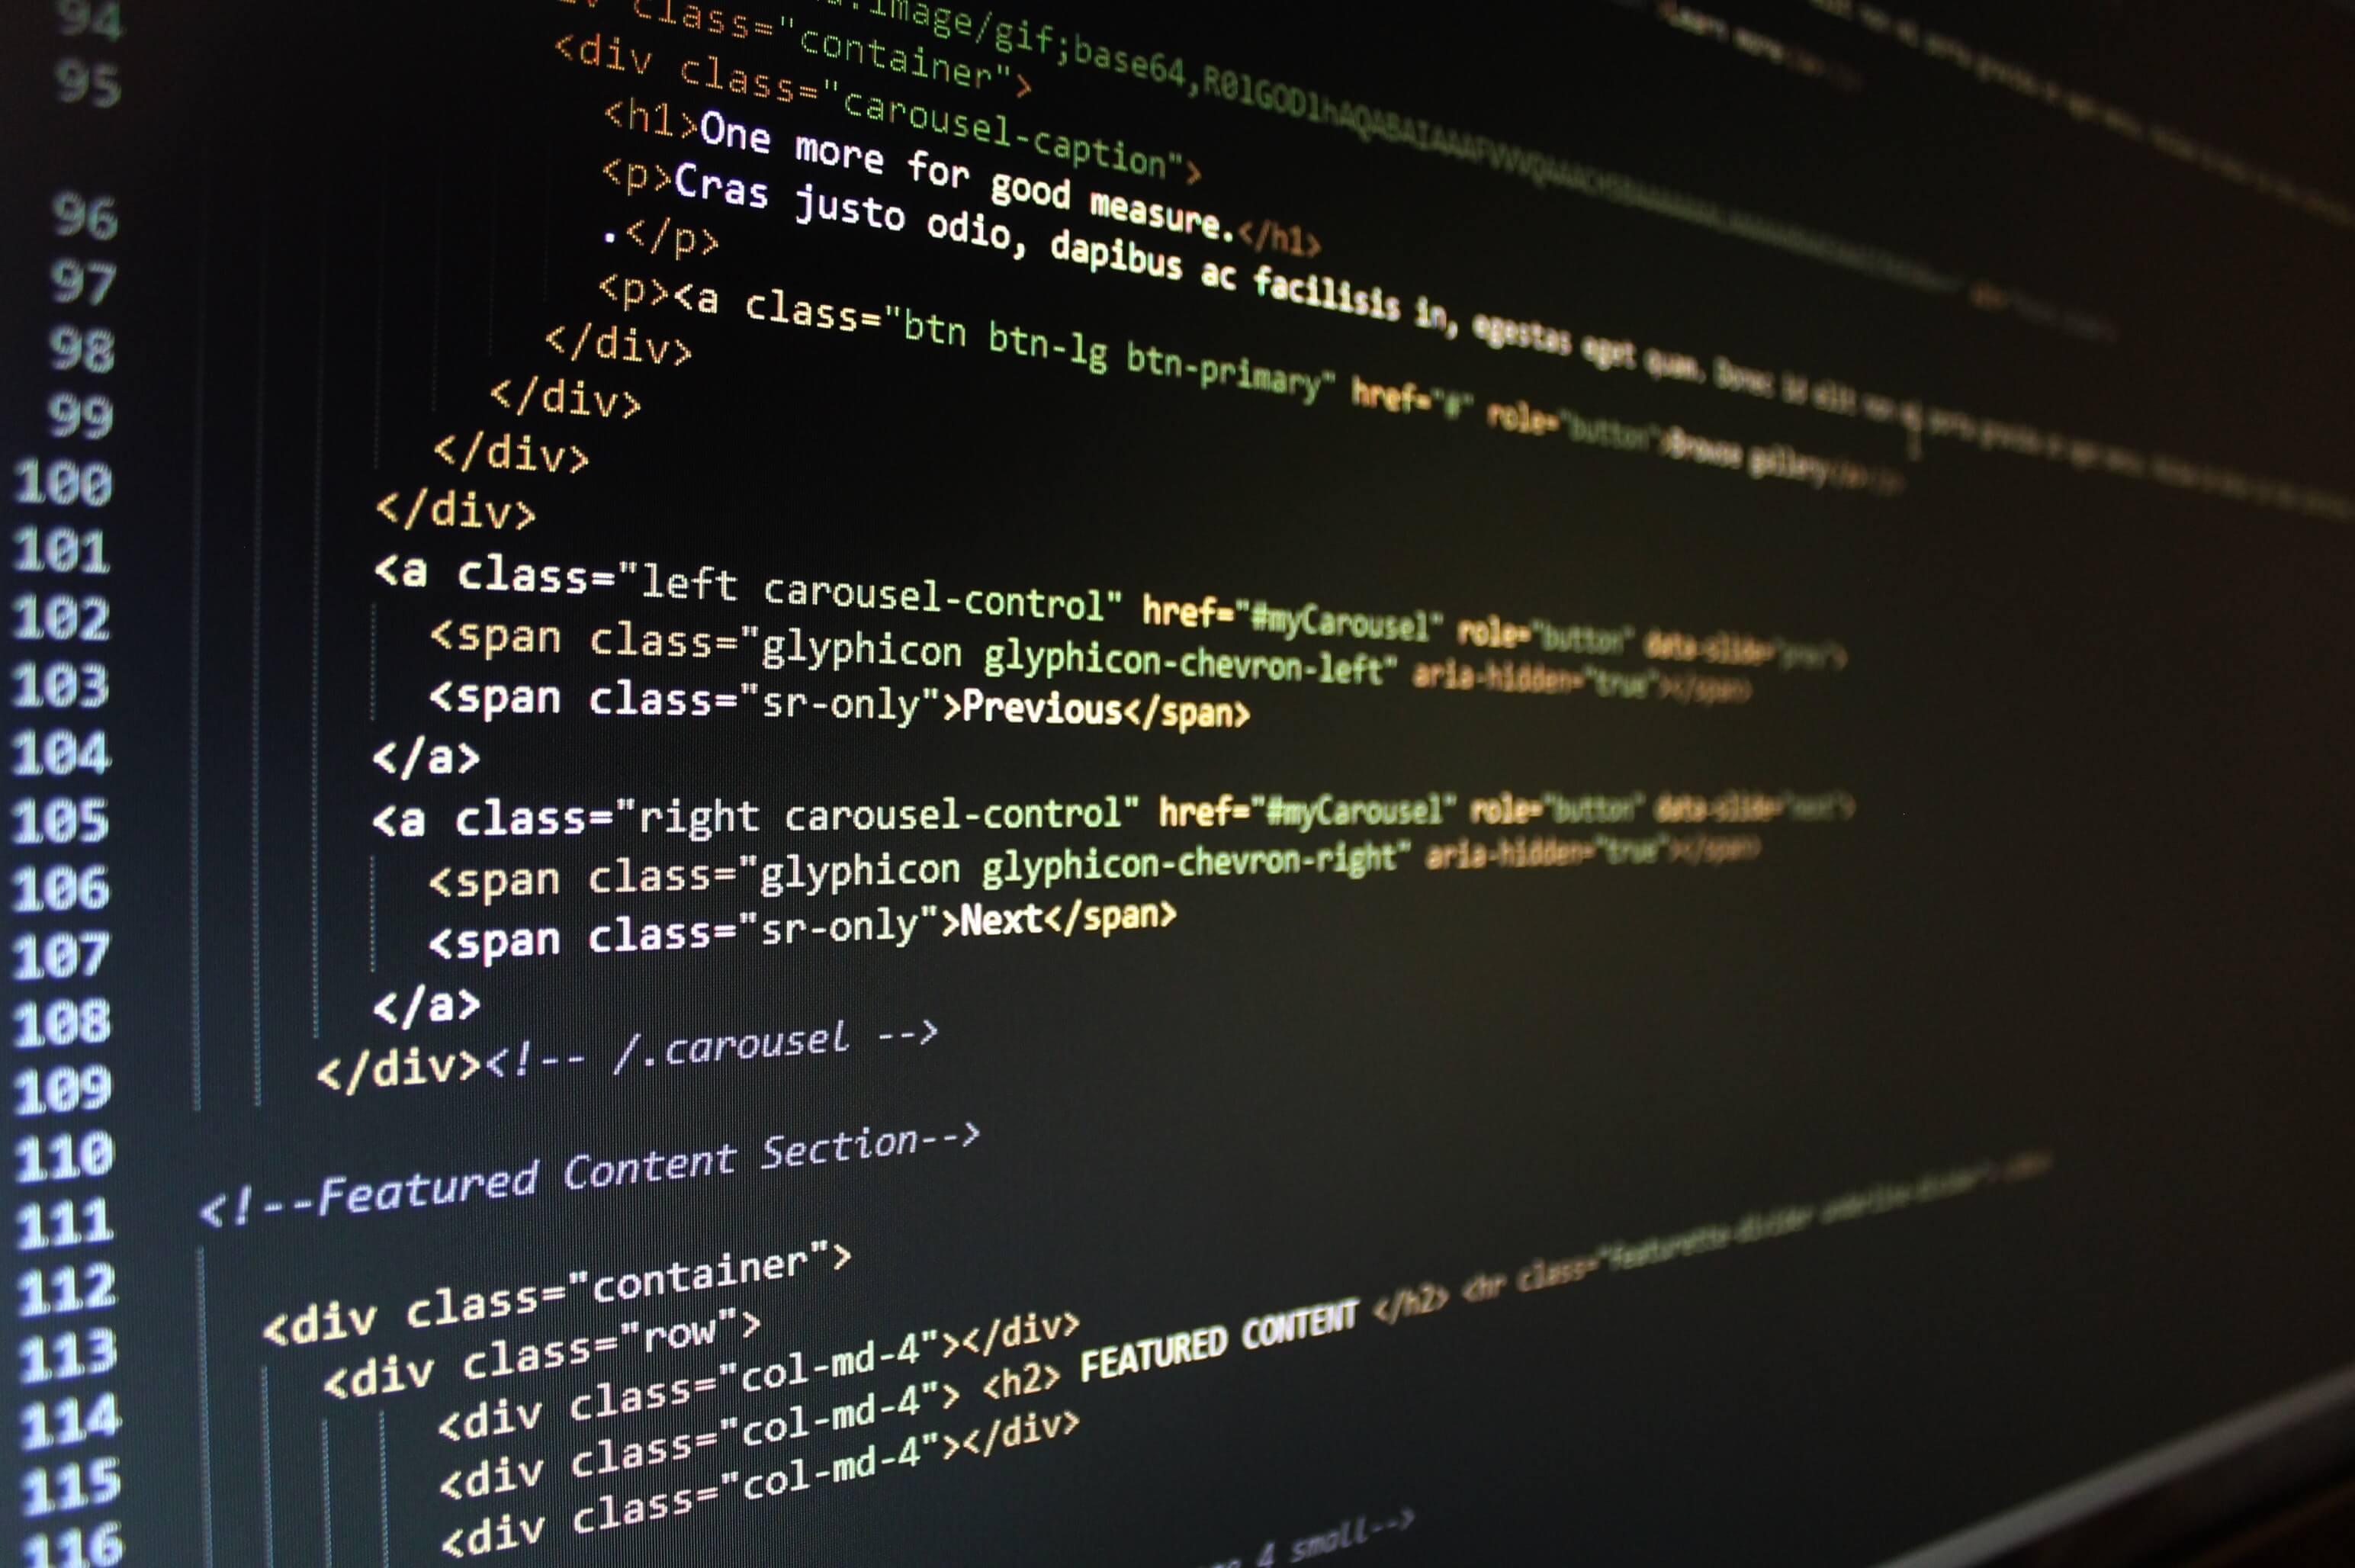 html kodning